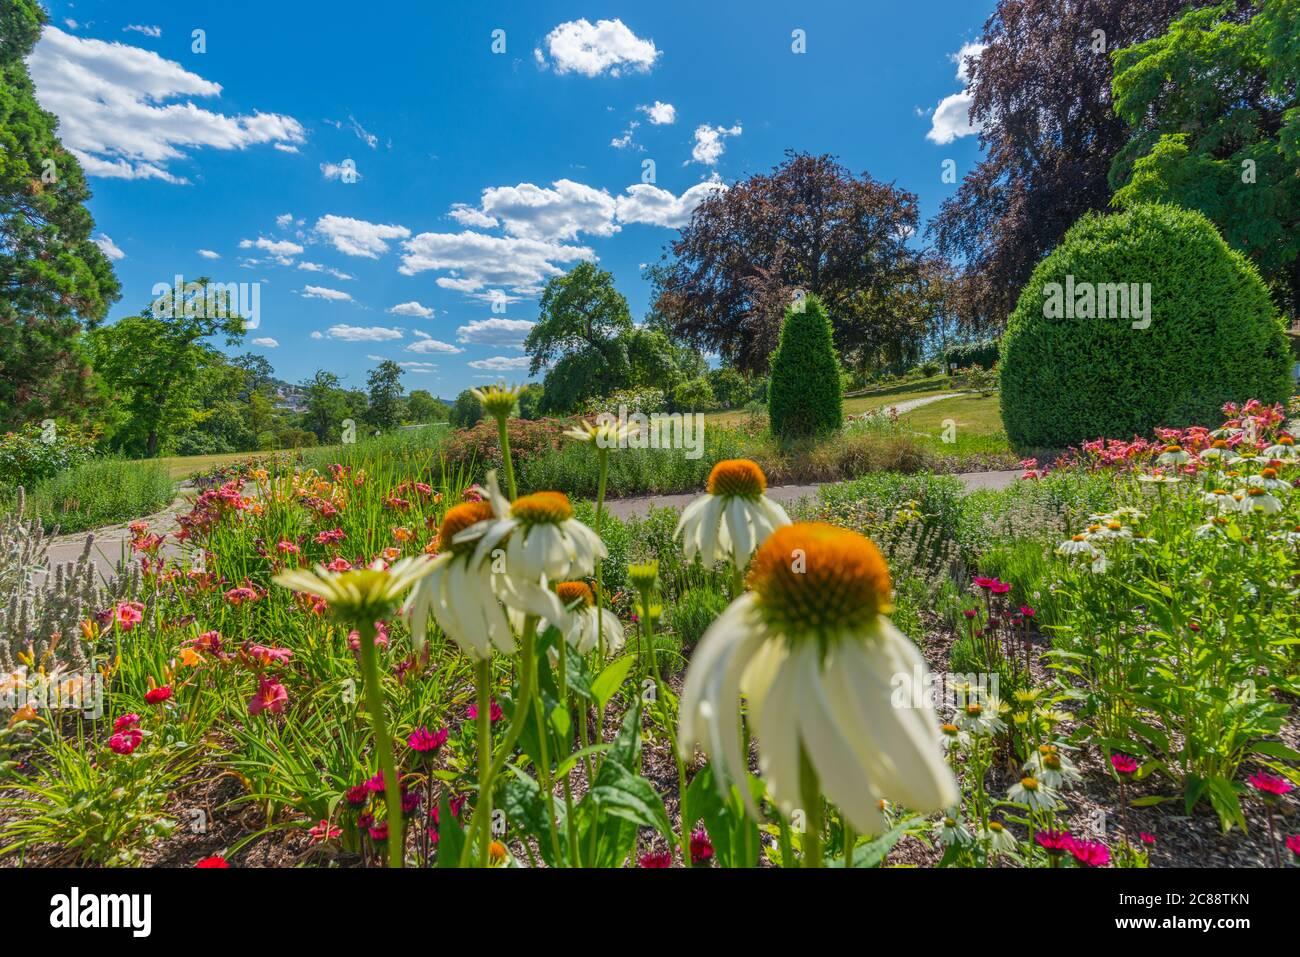 Flower beds in Rosensteinpark or Park Rosenstein, City District Bad Cannstatt, City of Stuttgart, Baden-Württemberg, South Germany, Central Europe Stock Photo